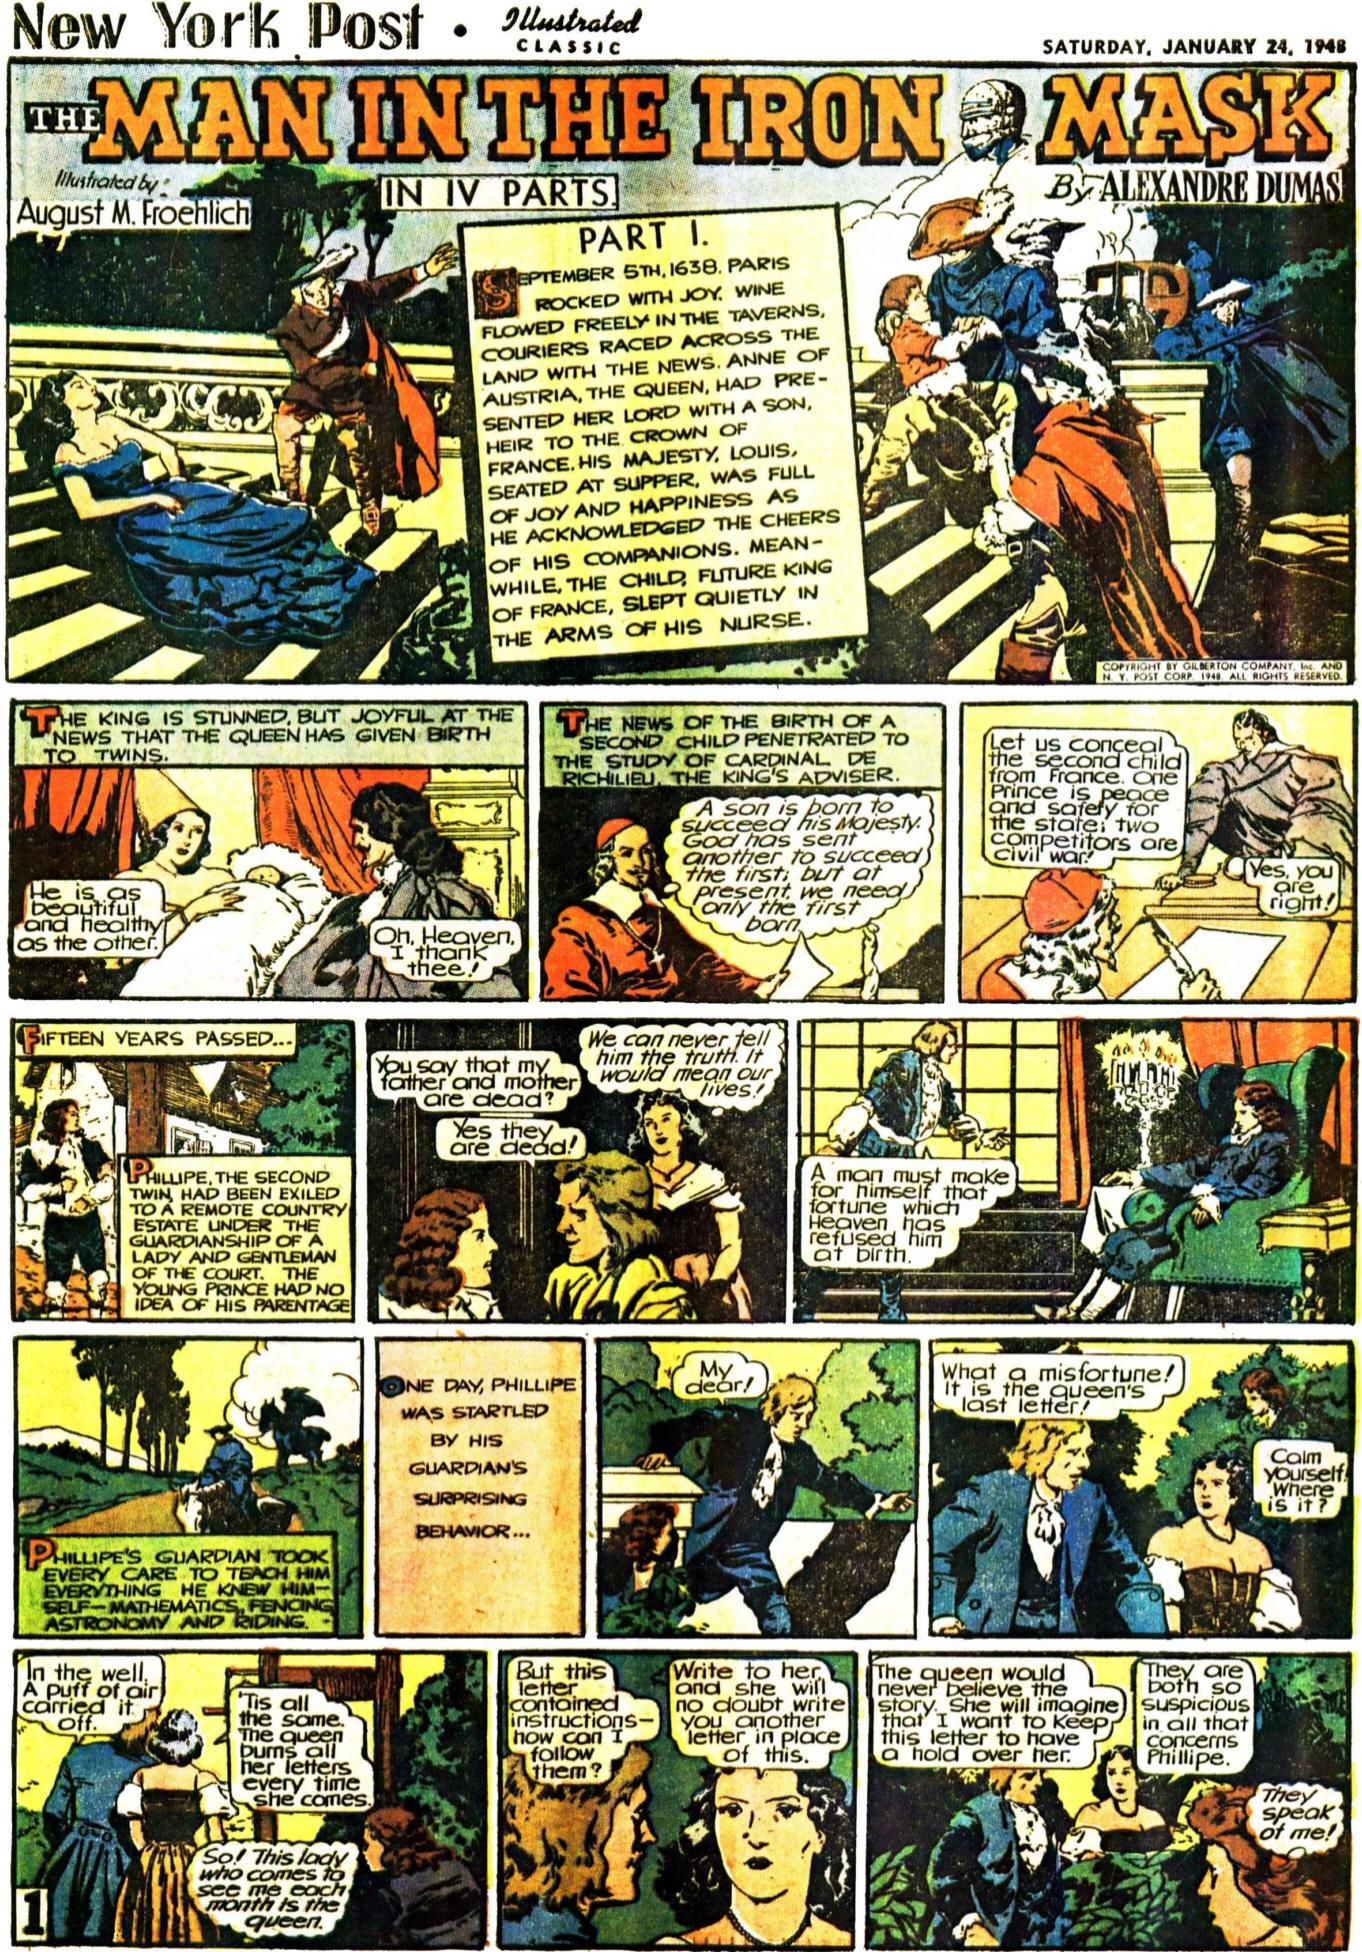 Inledande strippsida ur The Man in the Iron Mask, från 24 januari 1948. En slags Illustrerade klassiker som söndagsbilaga. ©Gilberton